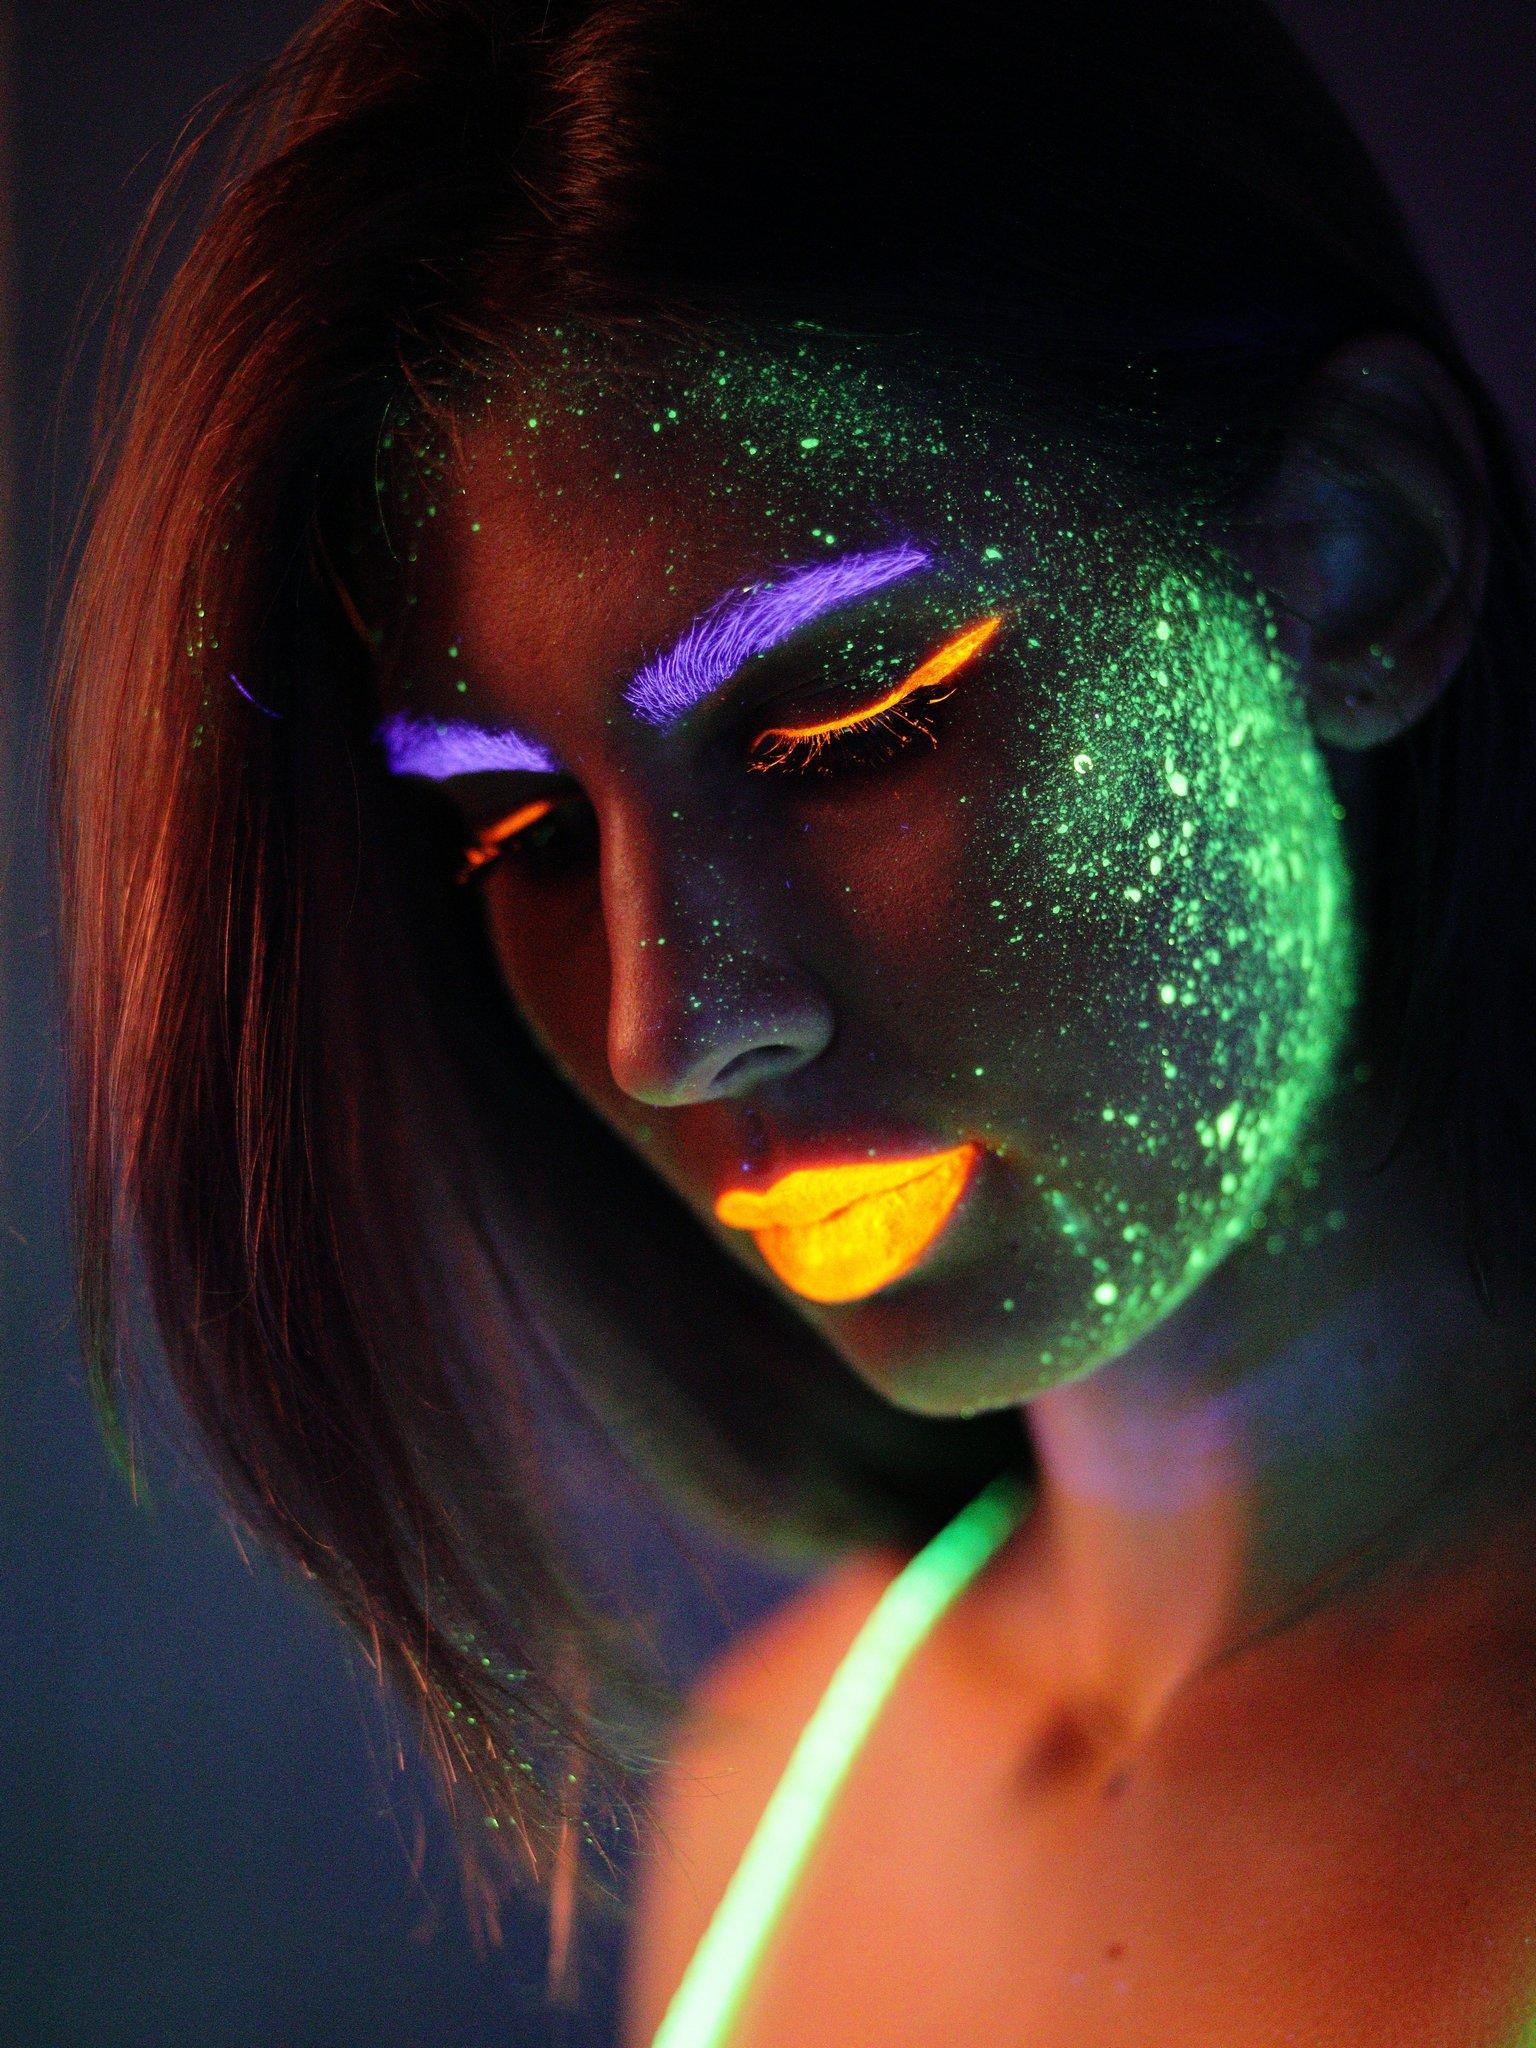 12. Luminous